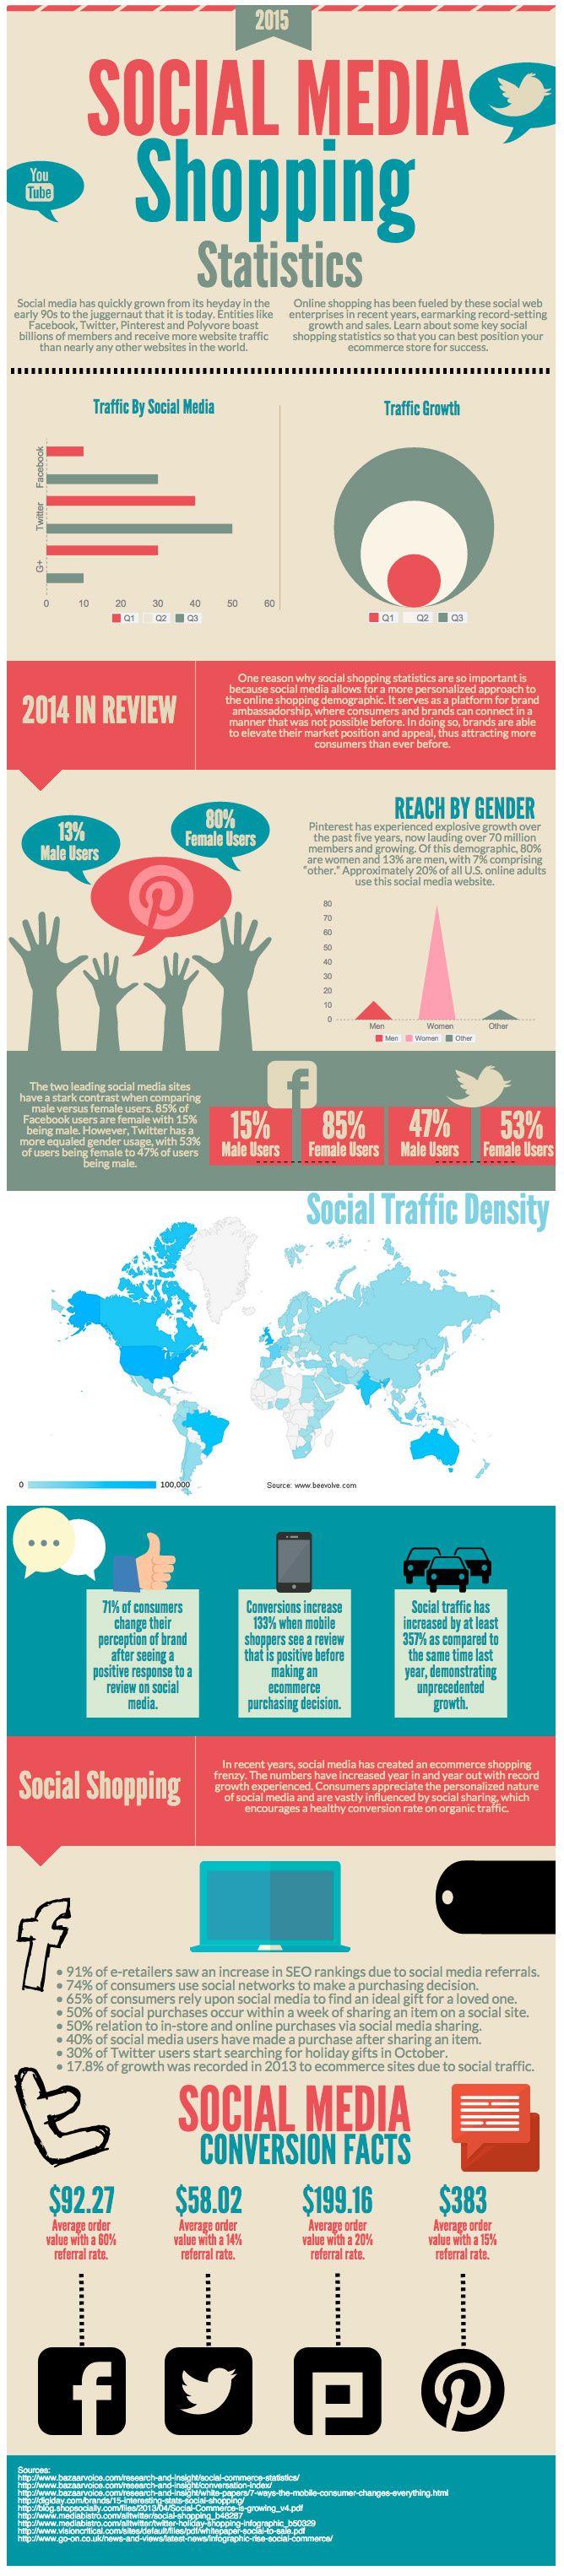 Social Media Ecommerce Shopping Statistics for 2015